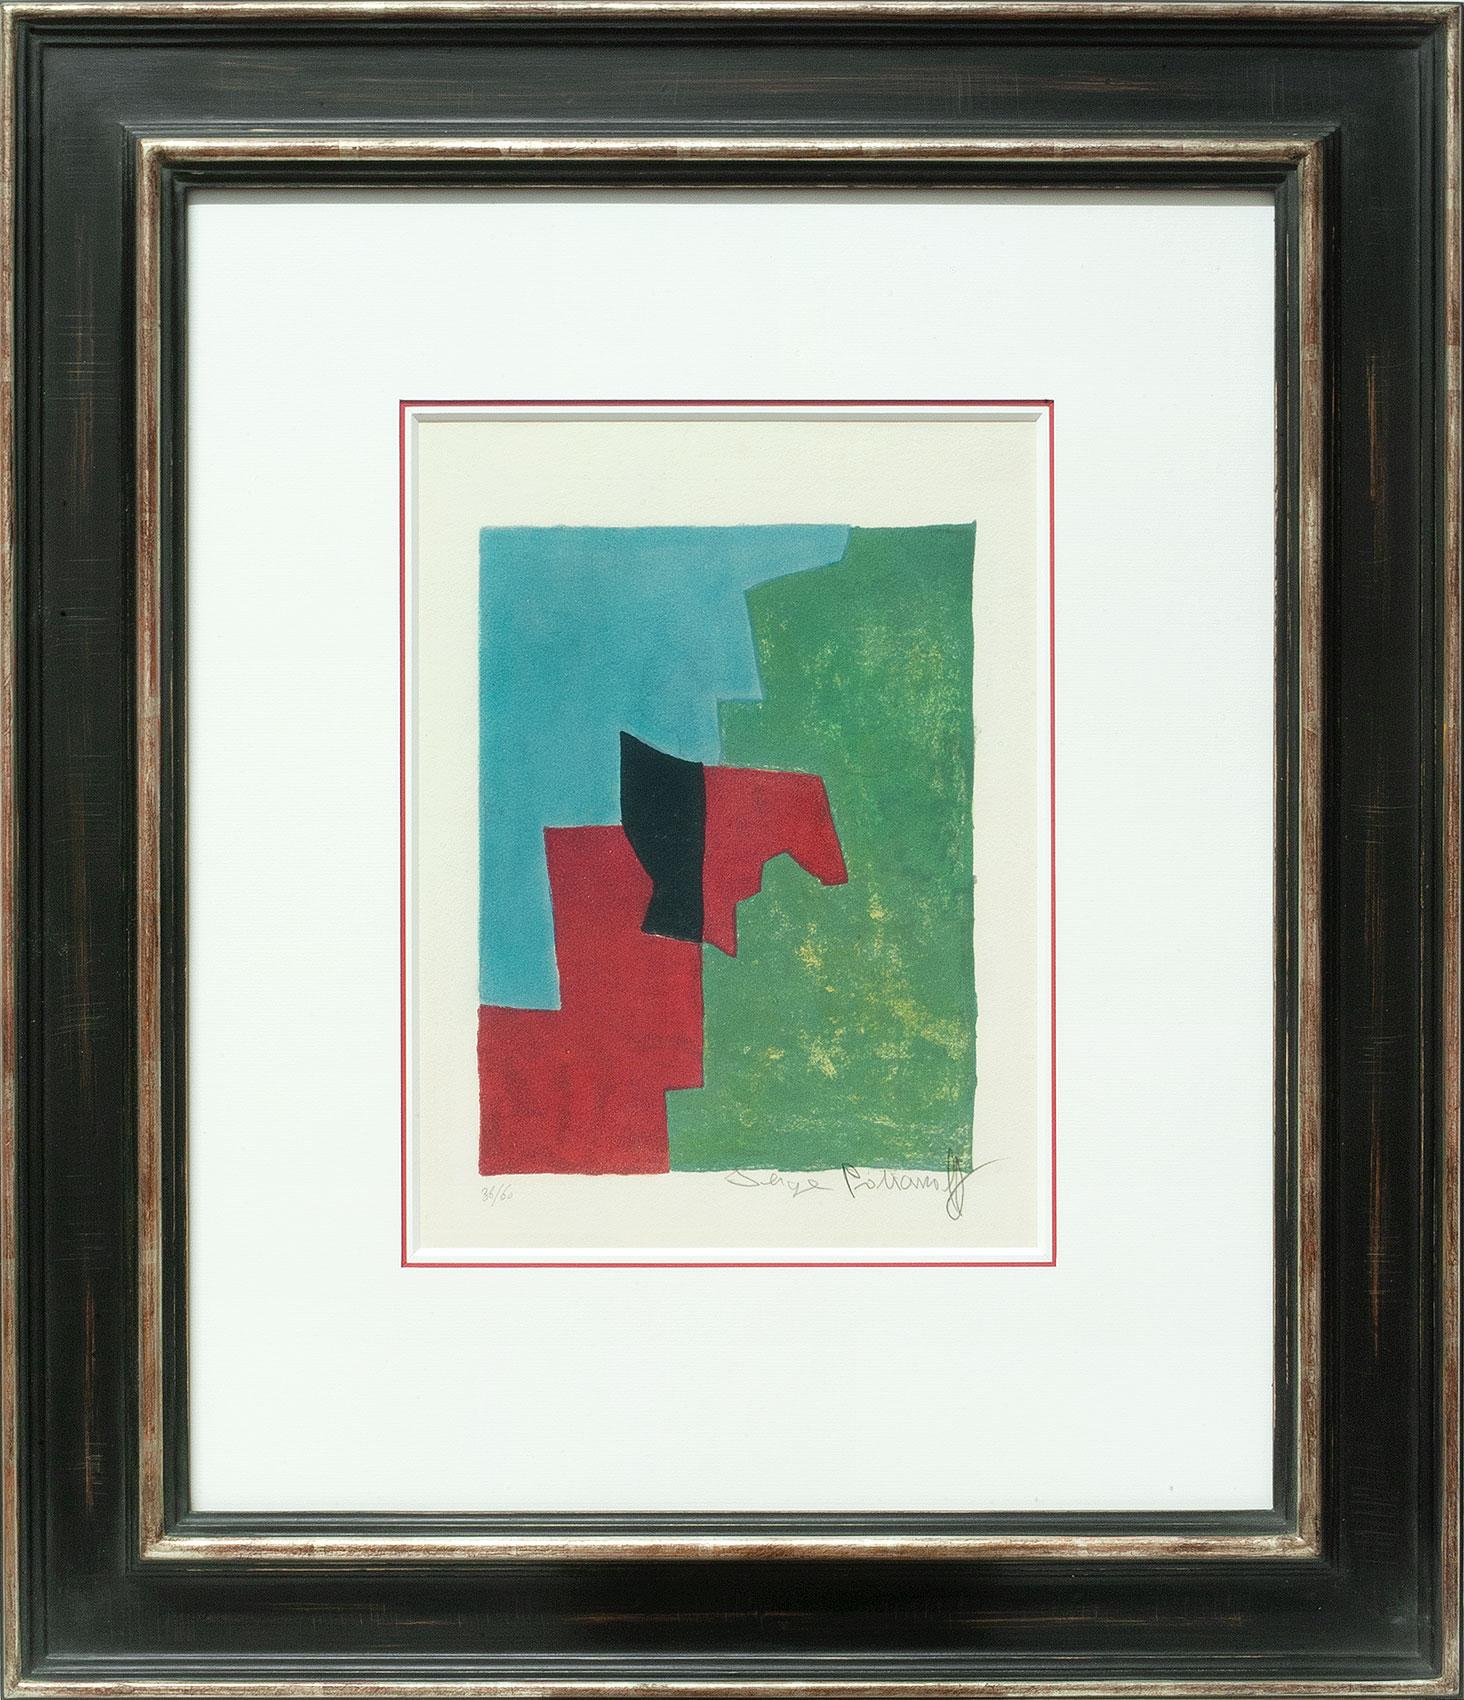 Serge Poliakoff, Composition rouge, verte et bleue, Galerie Française